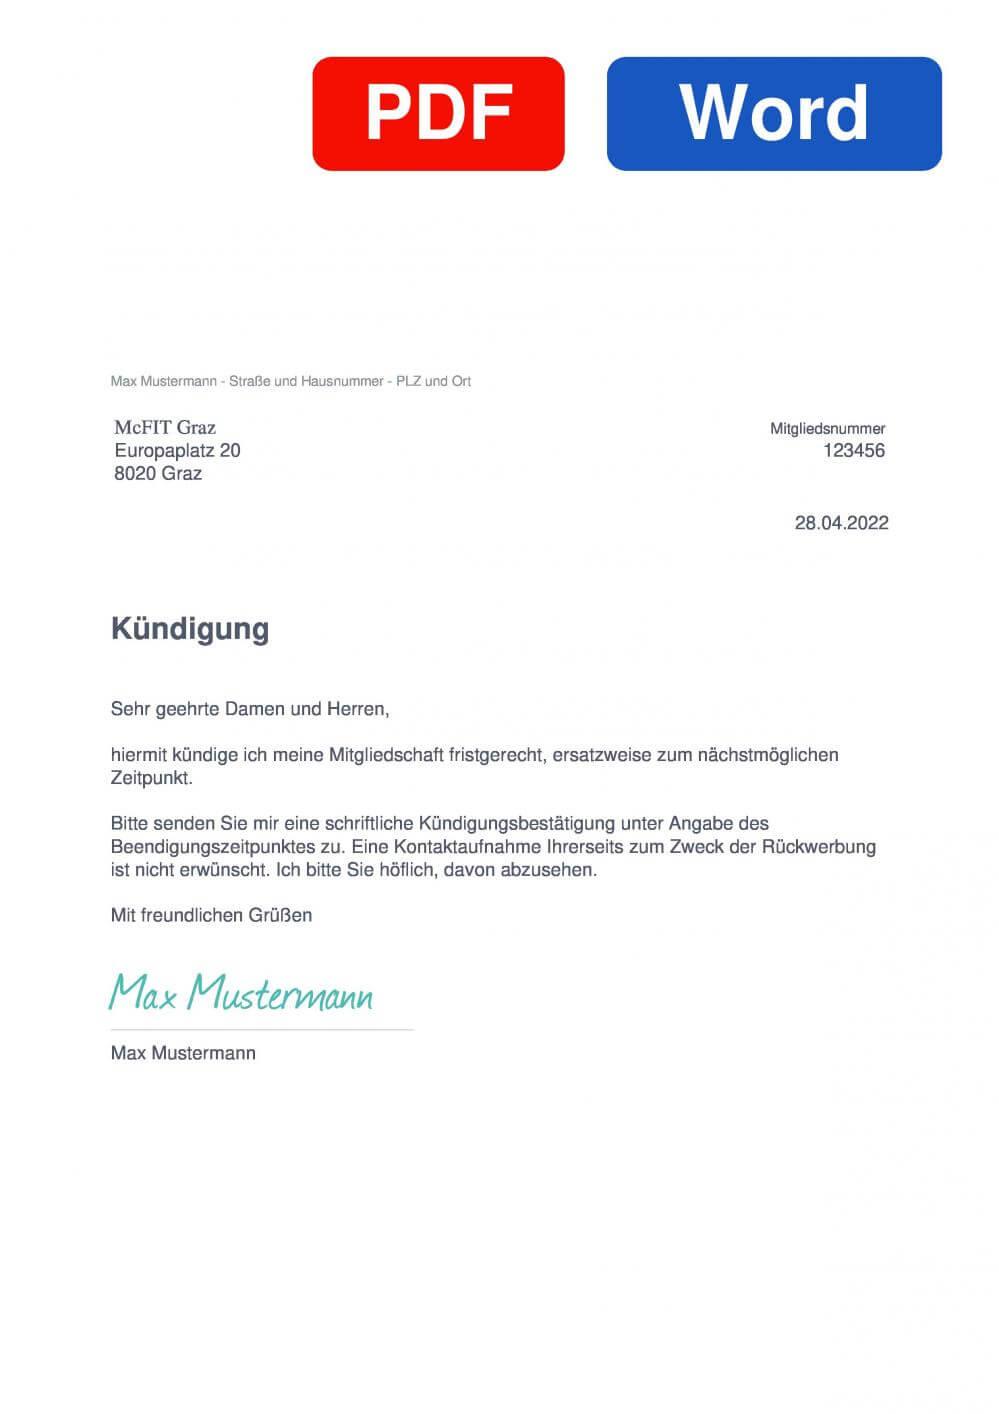 McFIT Graz Muster Vorlage für Kündigungsschreiben